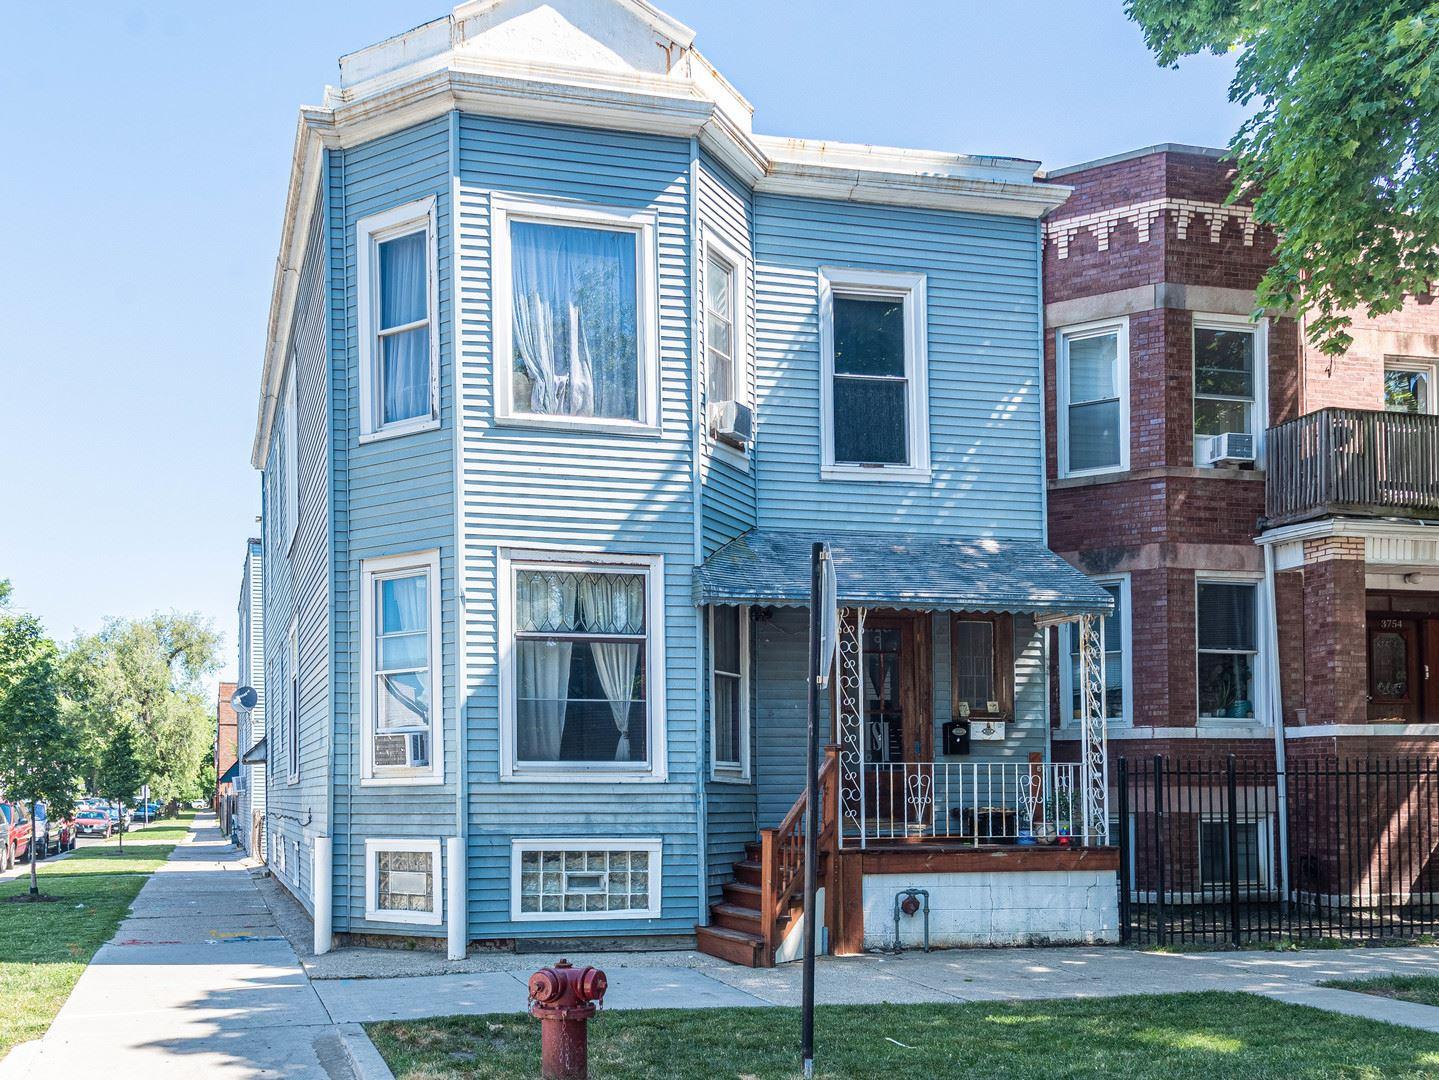 3758 W Mclean Avenue, Chicago, IL 60647 - #: 10752529